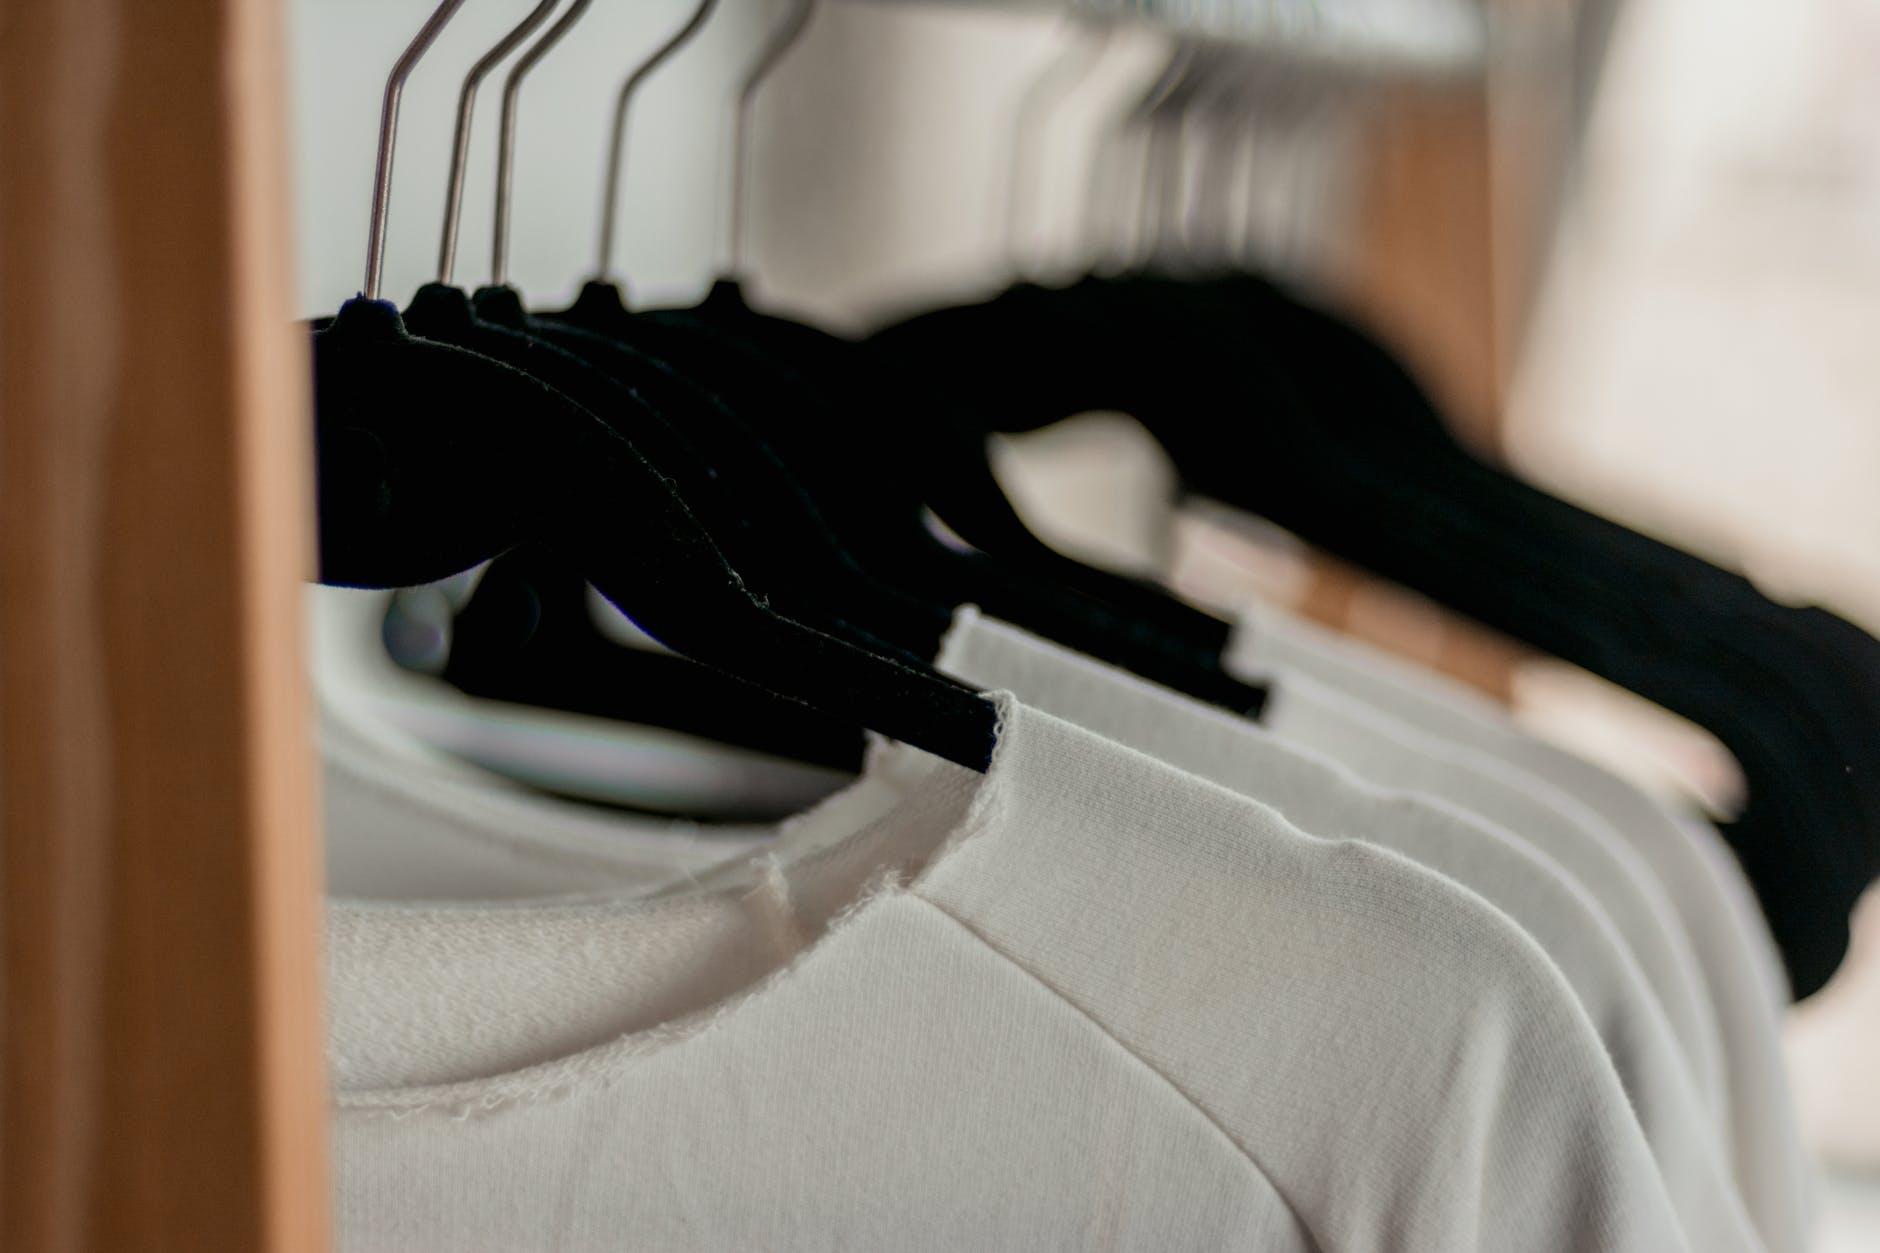 Ciekawe motywy na koszulkach dla kobiet i mężczyzn